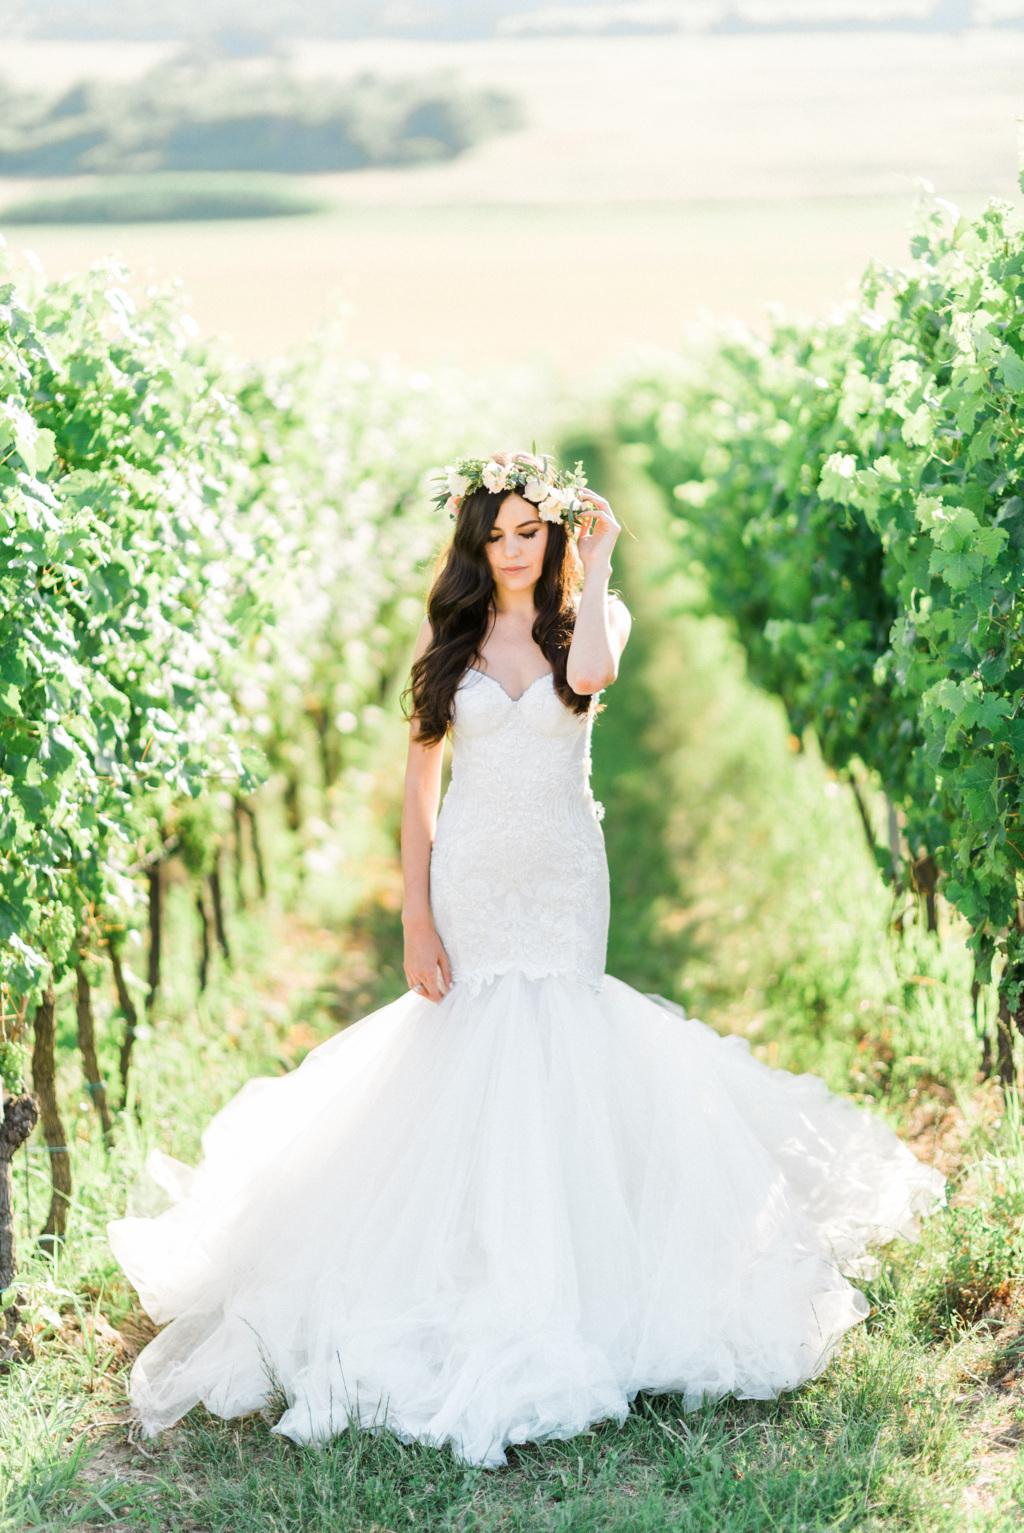 Galia Lahav bride